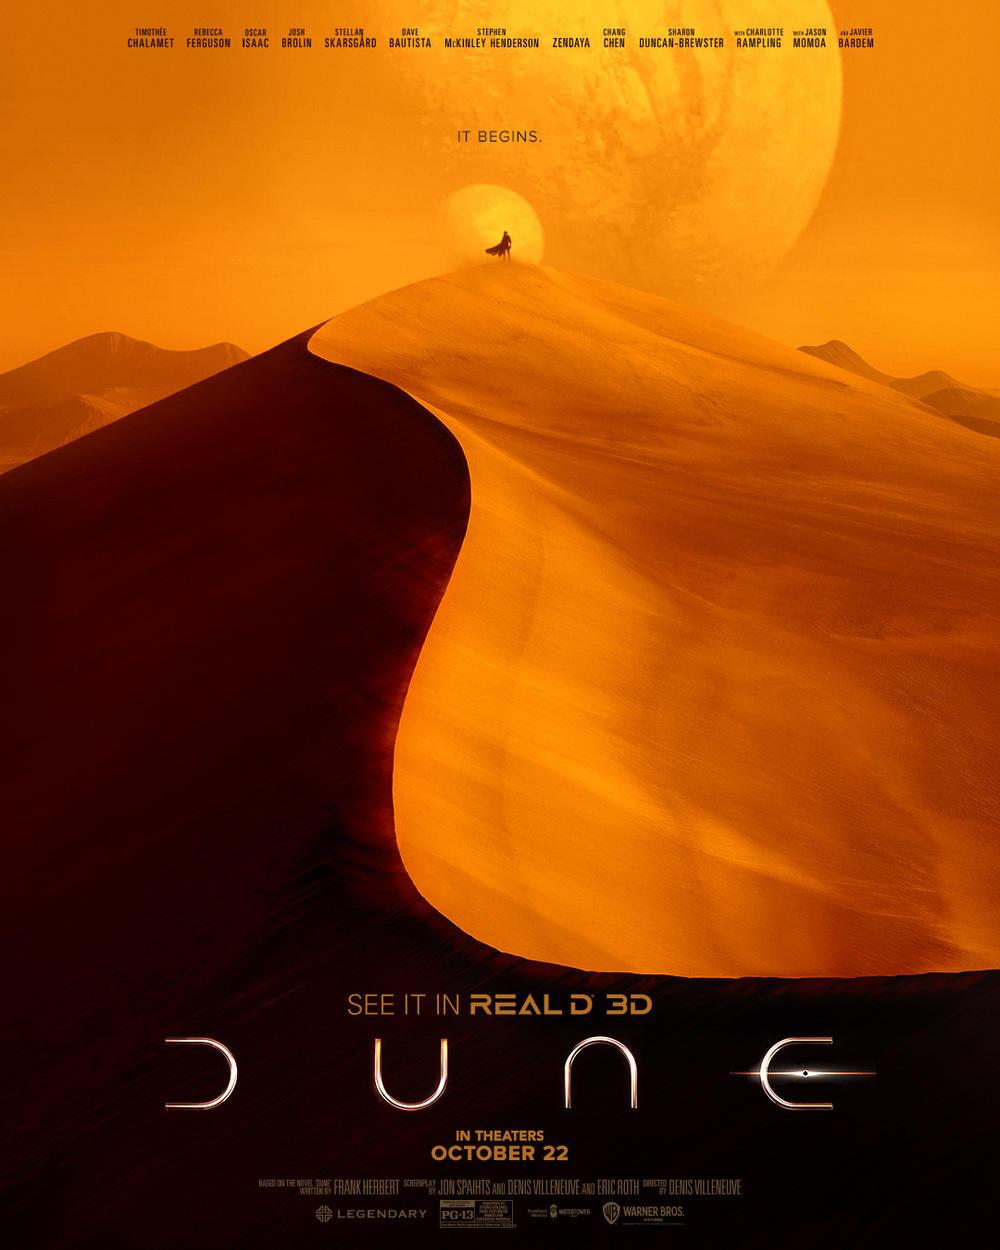 《沙丘》曝终极中字预告 上映倒计时两周